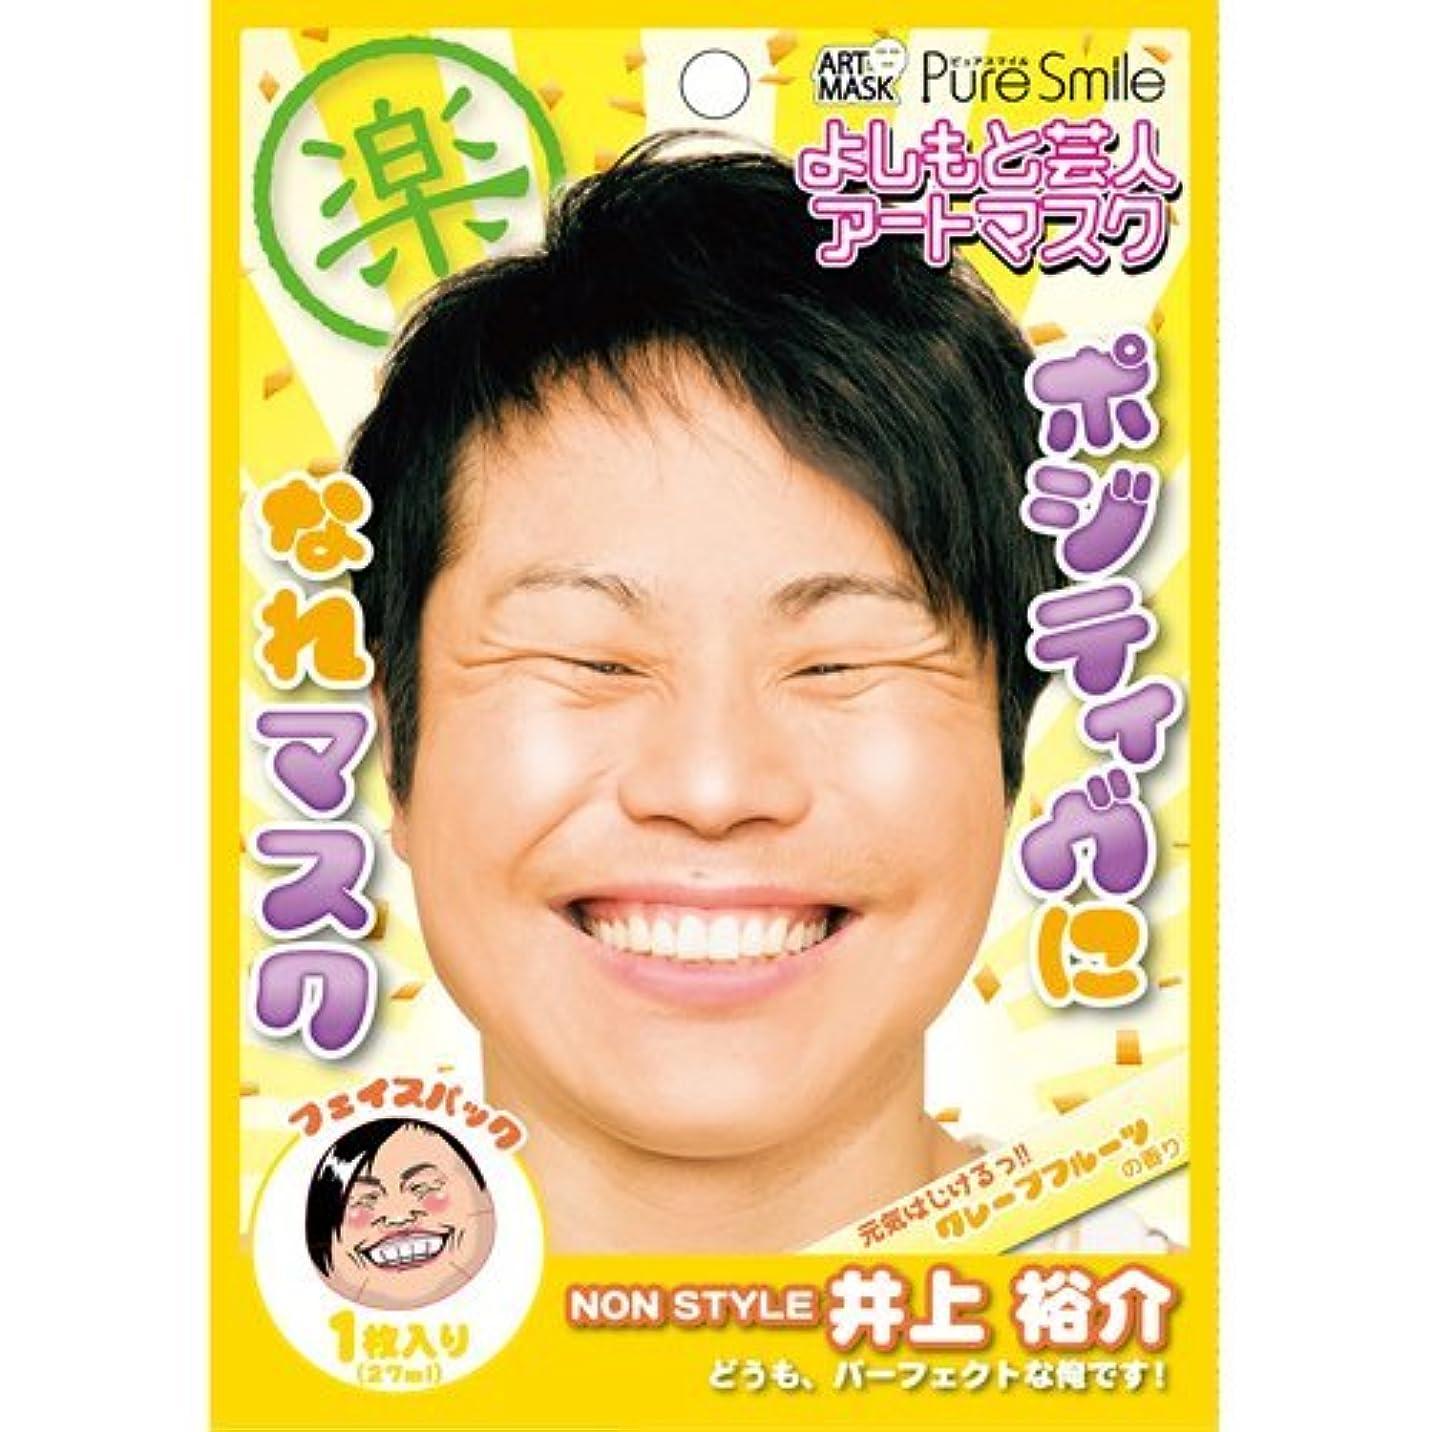 【ピュアスマイル】『吉本芸人アートマスク』(NONSTYLE 井上祐介/グレープフルーツの香り)